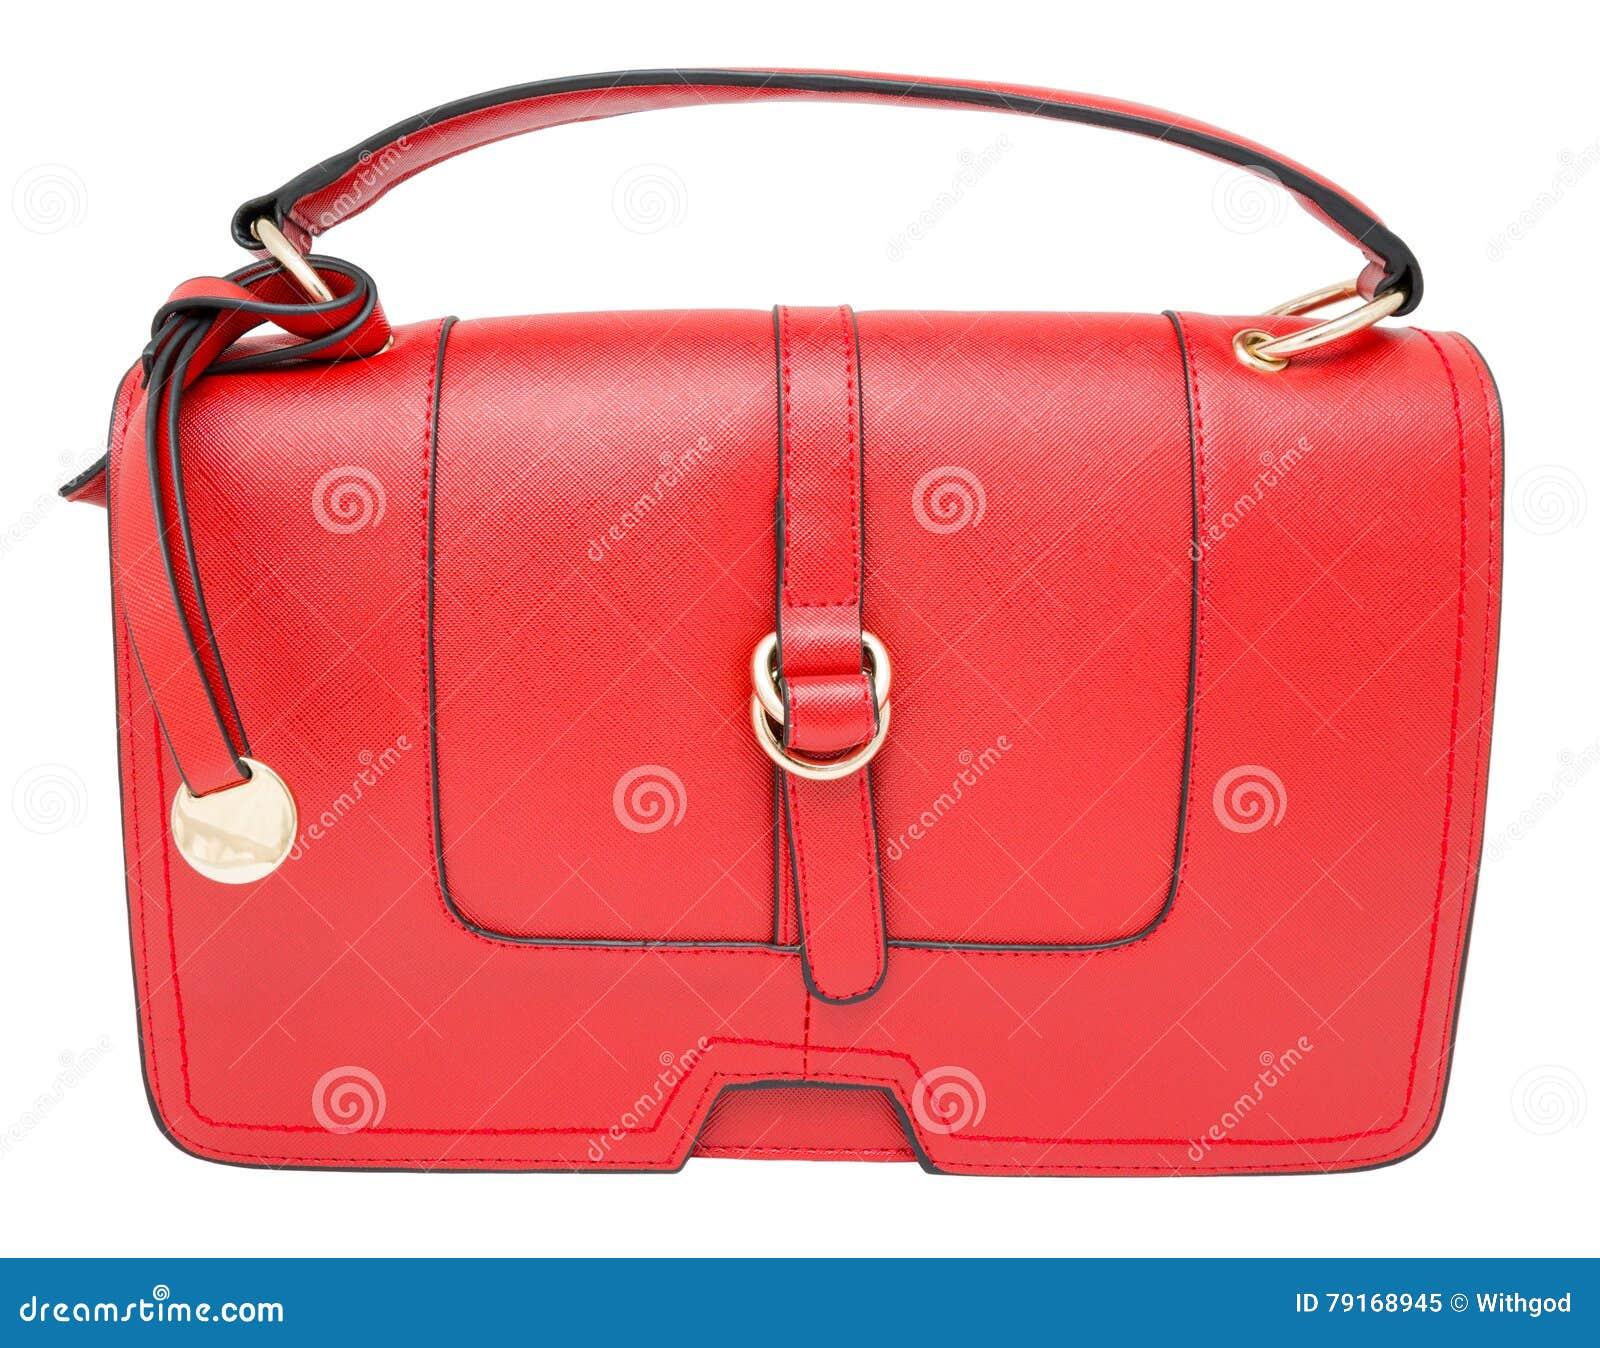 a7383933f0 Κόκκινη ορθογώνια γυναικεία τσάντα